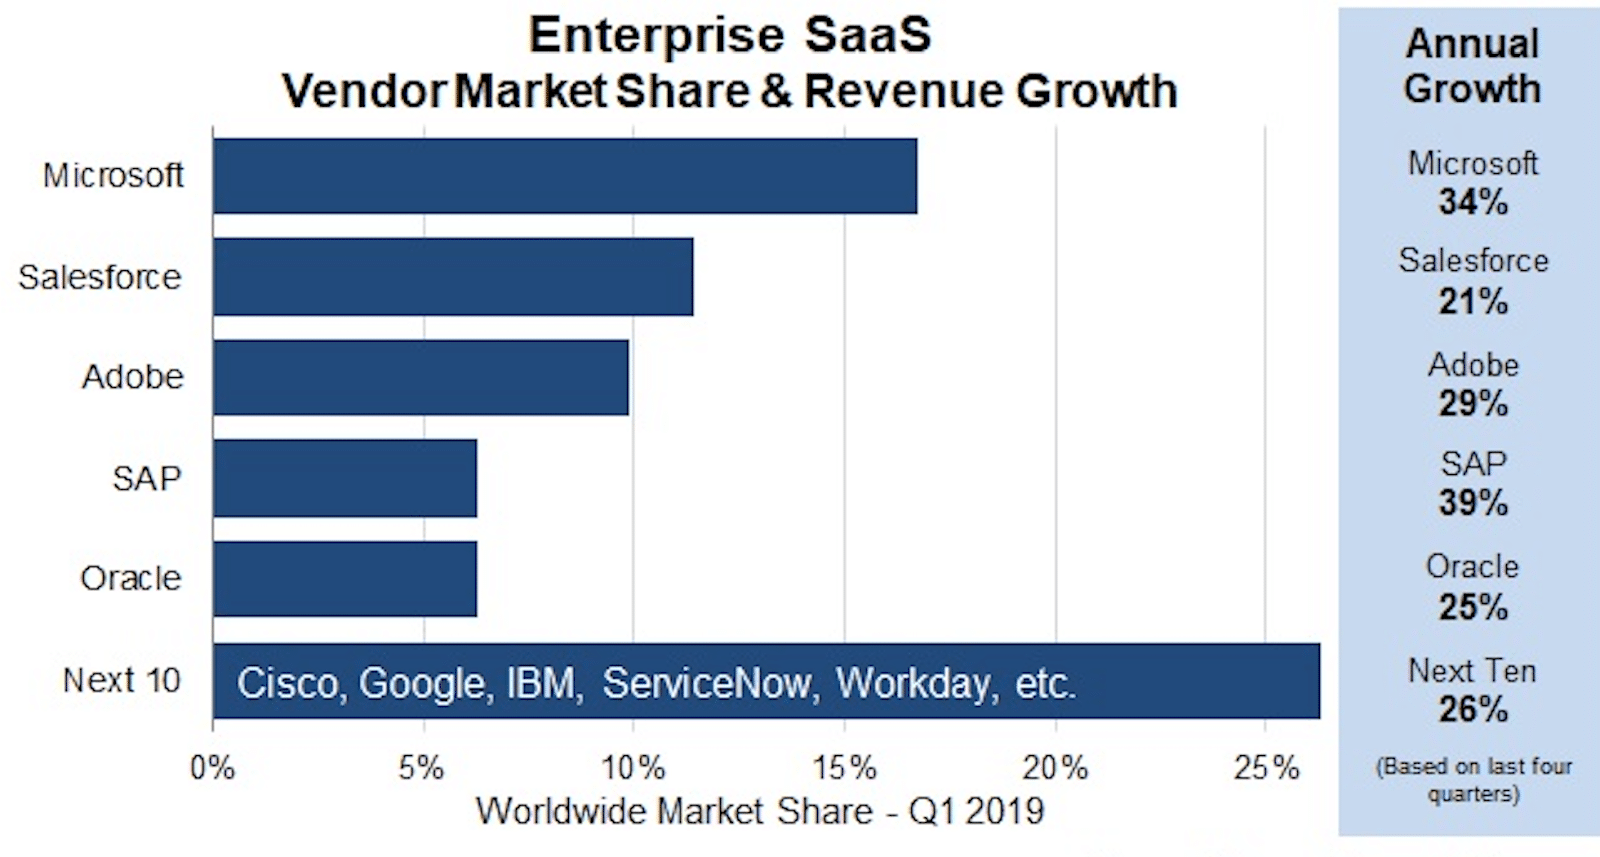 SaaS-Marktanteil und Umsatzwachstum